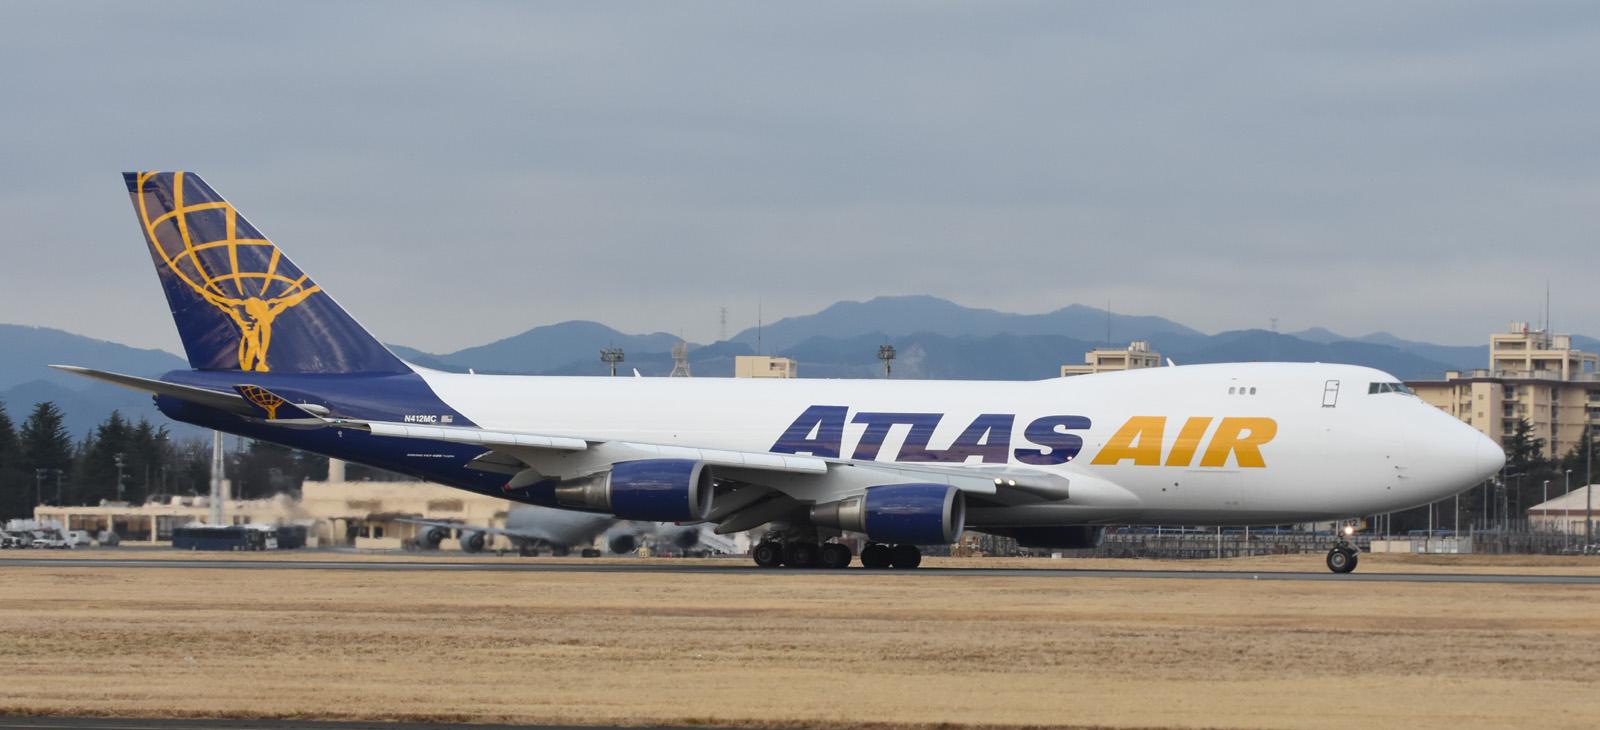 Atlas170312g951